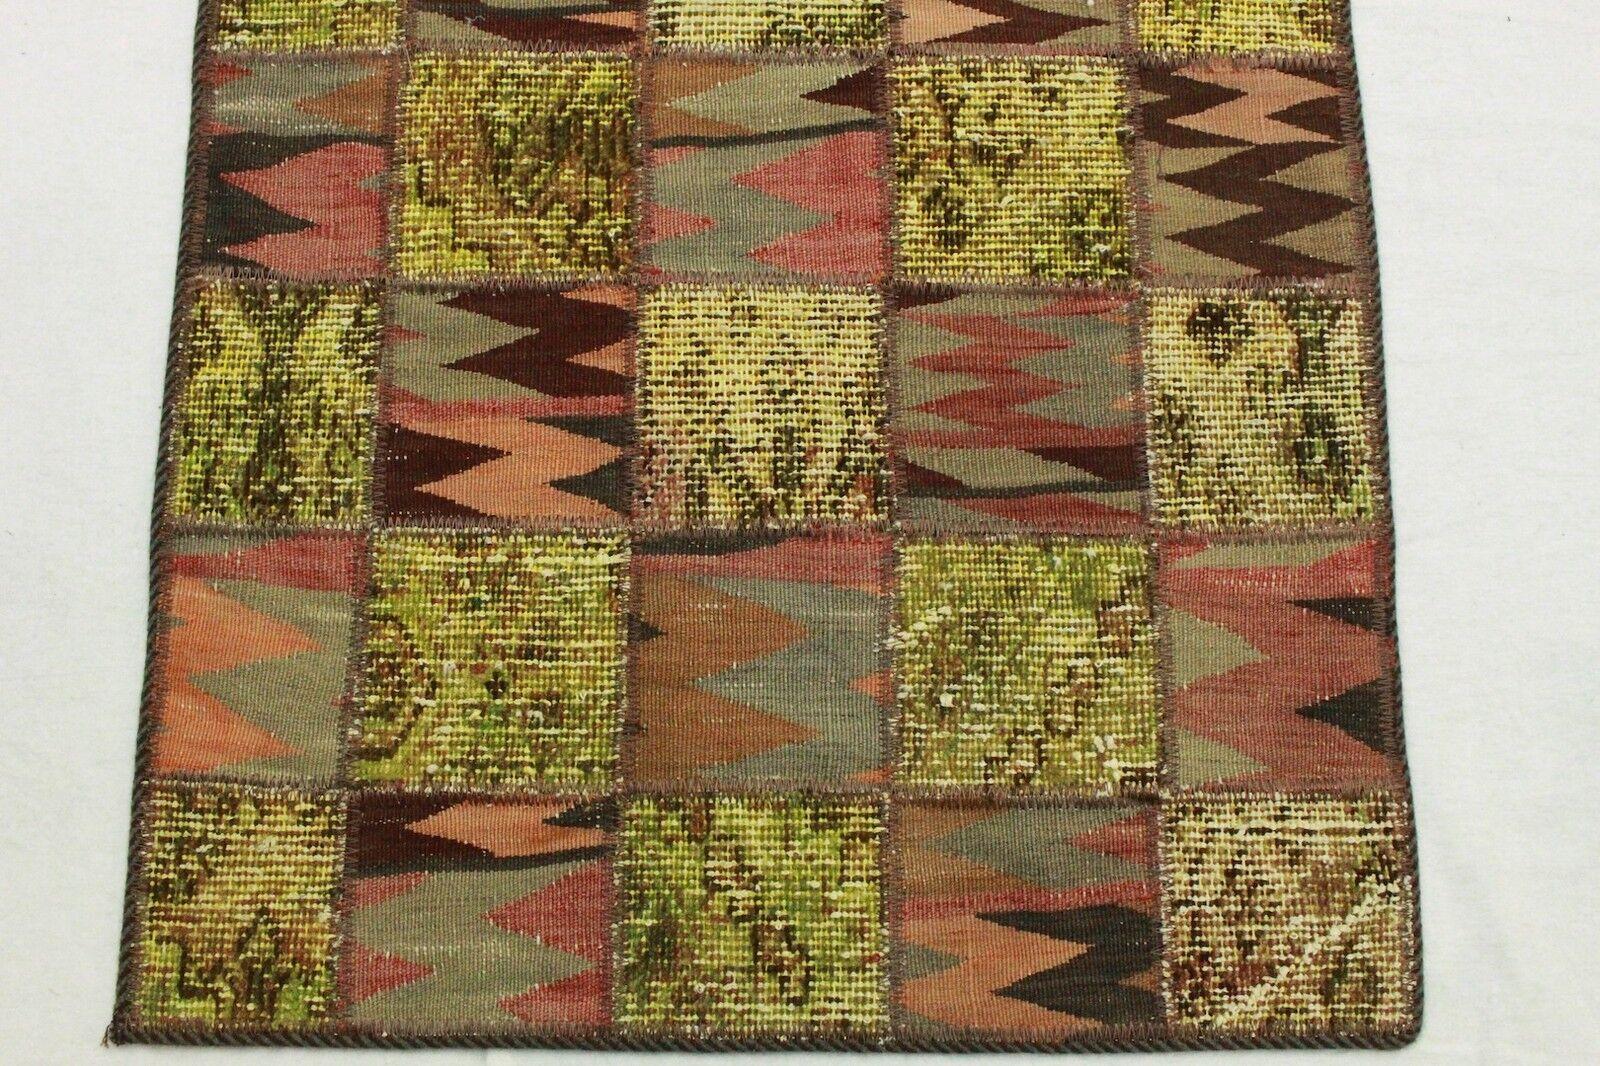 Vintage Tappeto Orientale Orientale Orientale Tappeto Patchwork Moderno verde Marronee 310x80 handmade 2609 ccd265